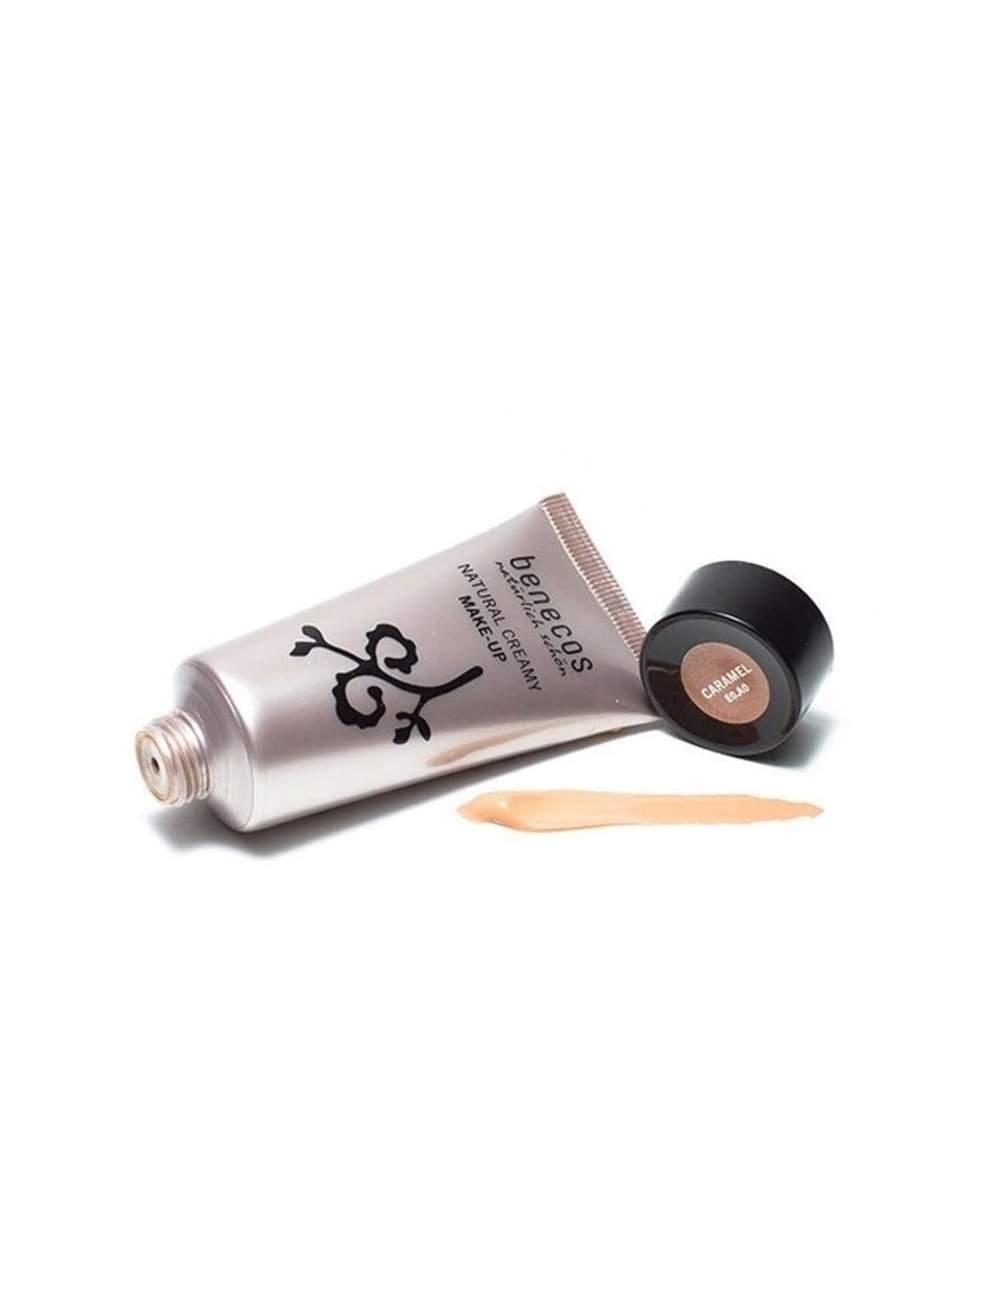 Maquillage Bio en Crème Caramel. Benecos